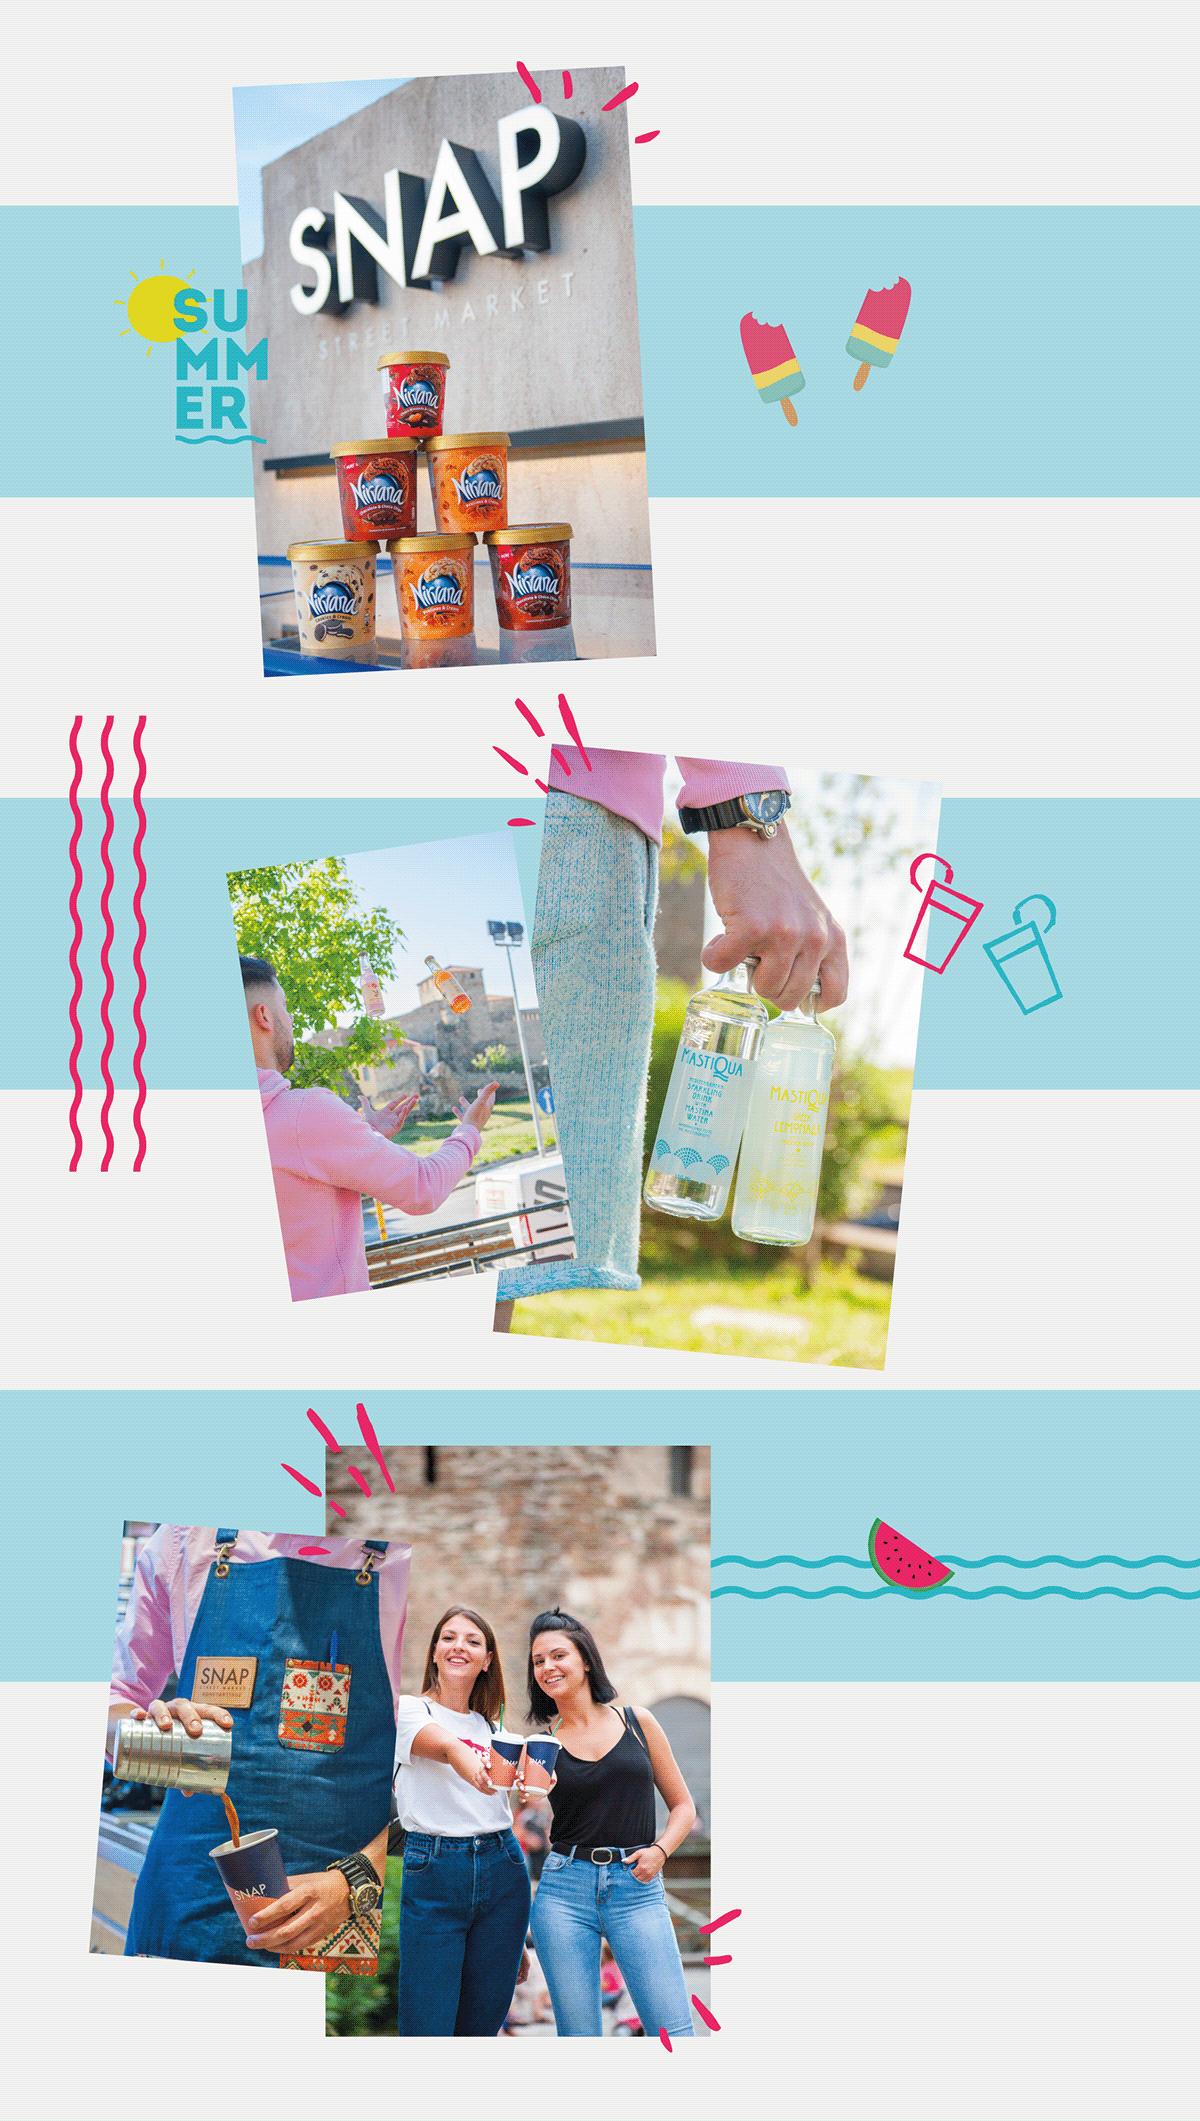 campaign ILLUSTRATION  media presentation snap social summer graphic design  market Street